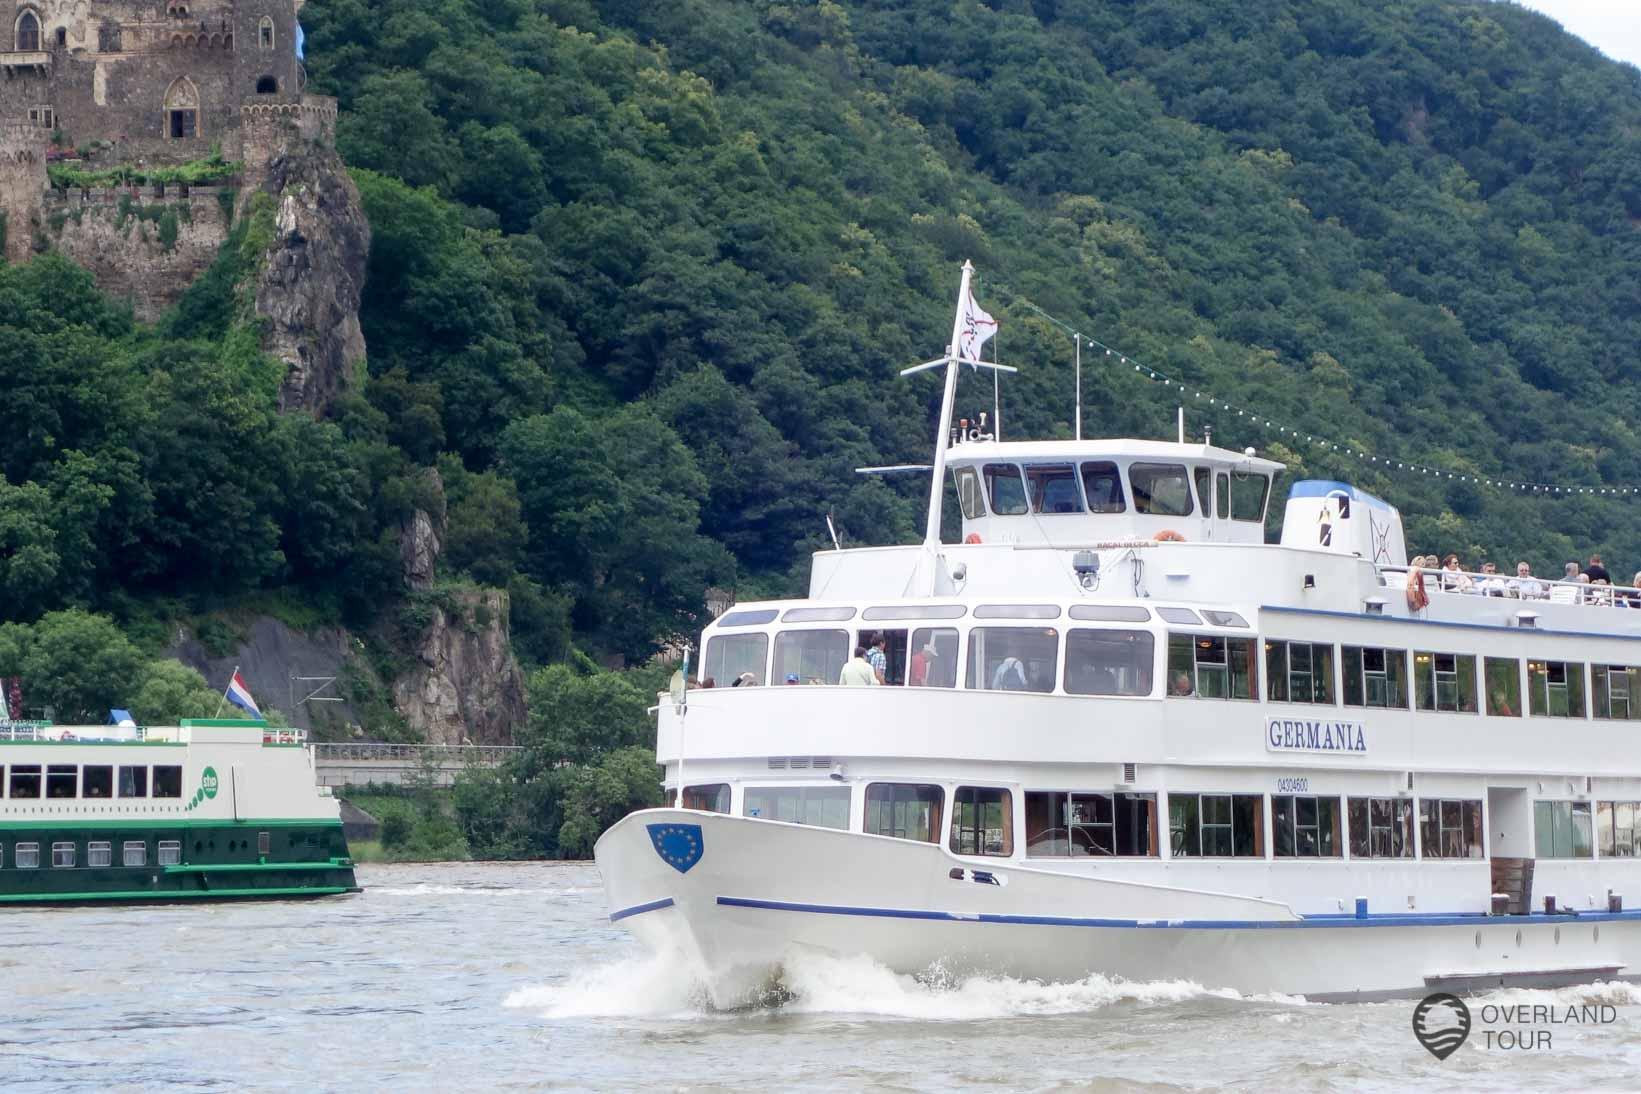 Mit dem Schiff auf dem Rhein zwischen Assmanshausen und Bingen